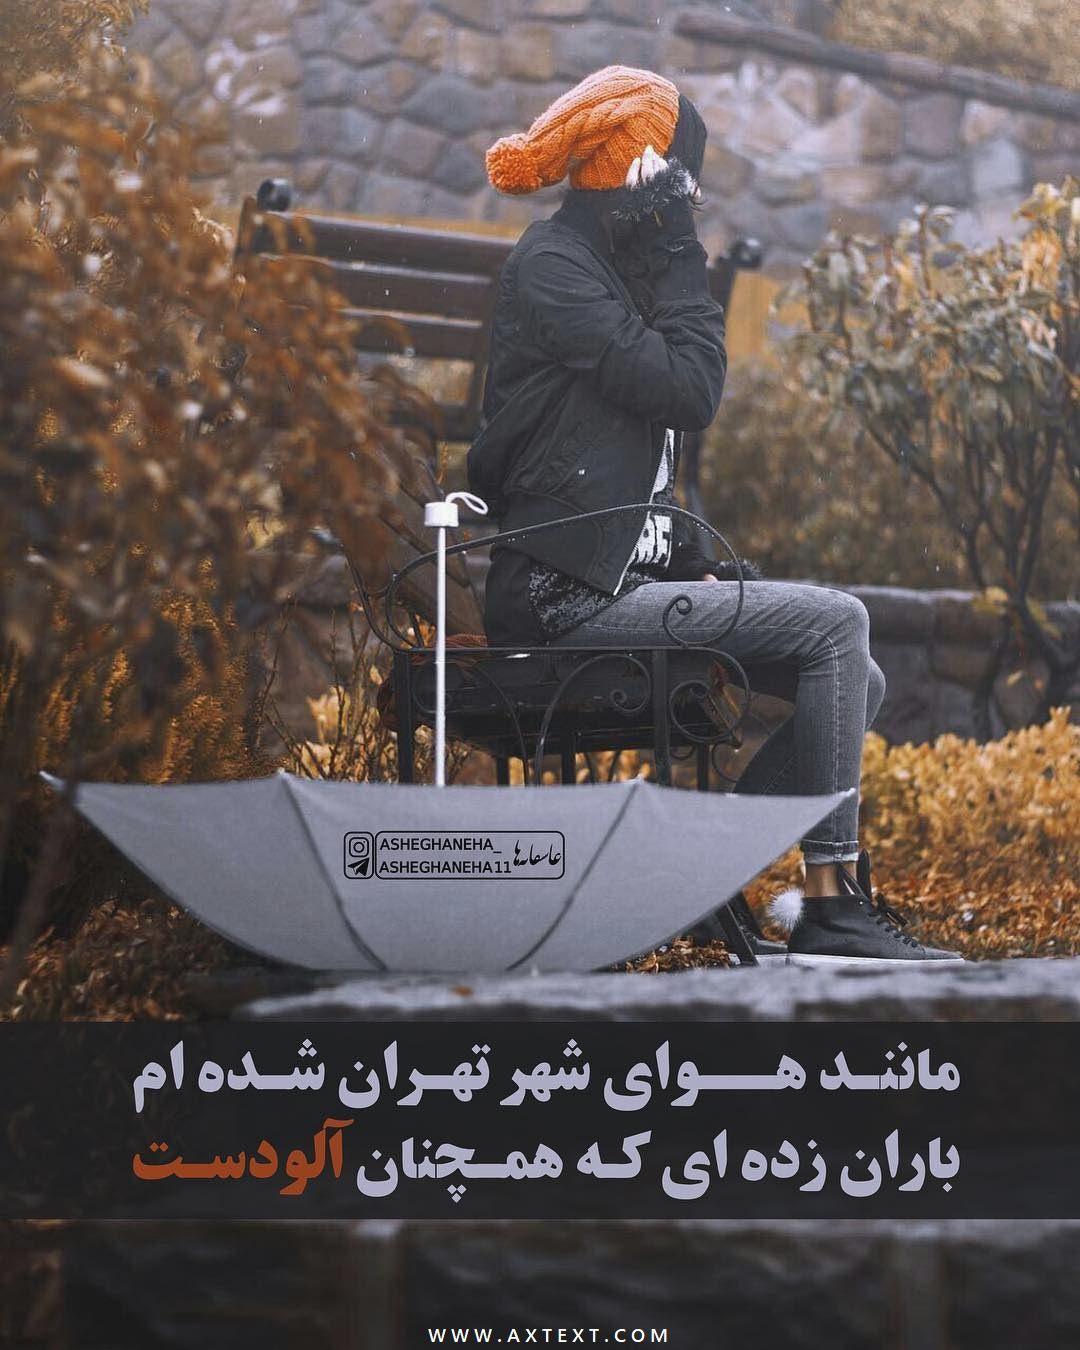 عکس نوشته مانند هوای شهر تهران شده ام